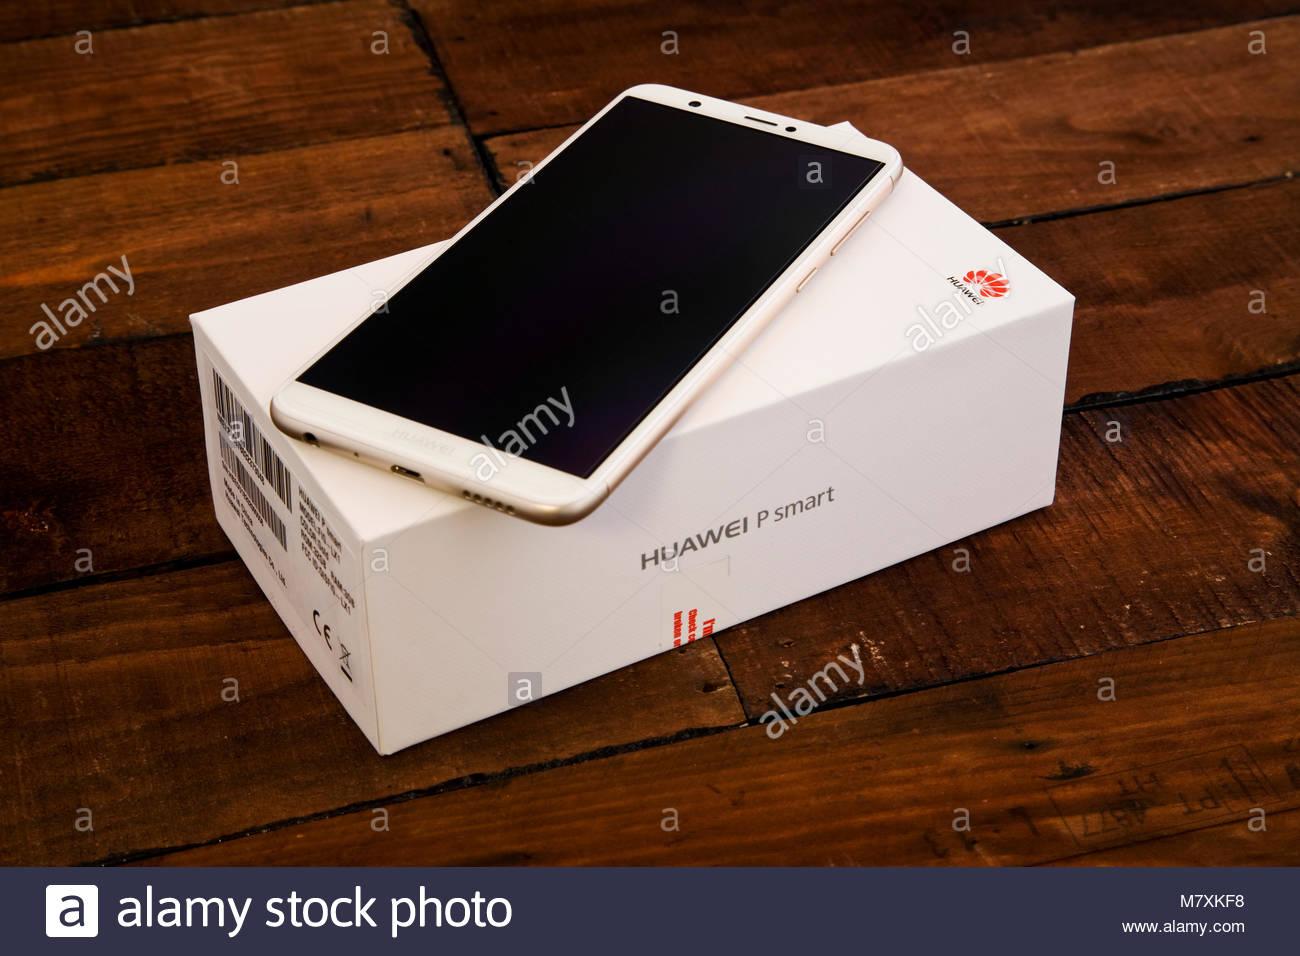 White Huawei P Smart Telefono Cellulare Con Imballaggio Sul Legno